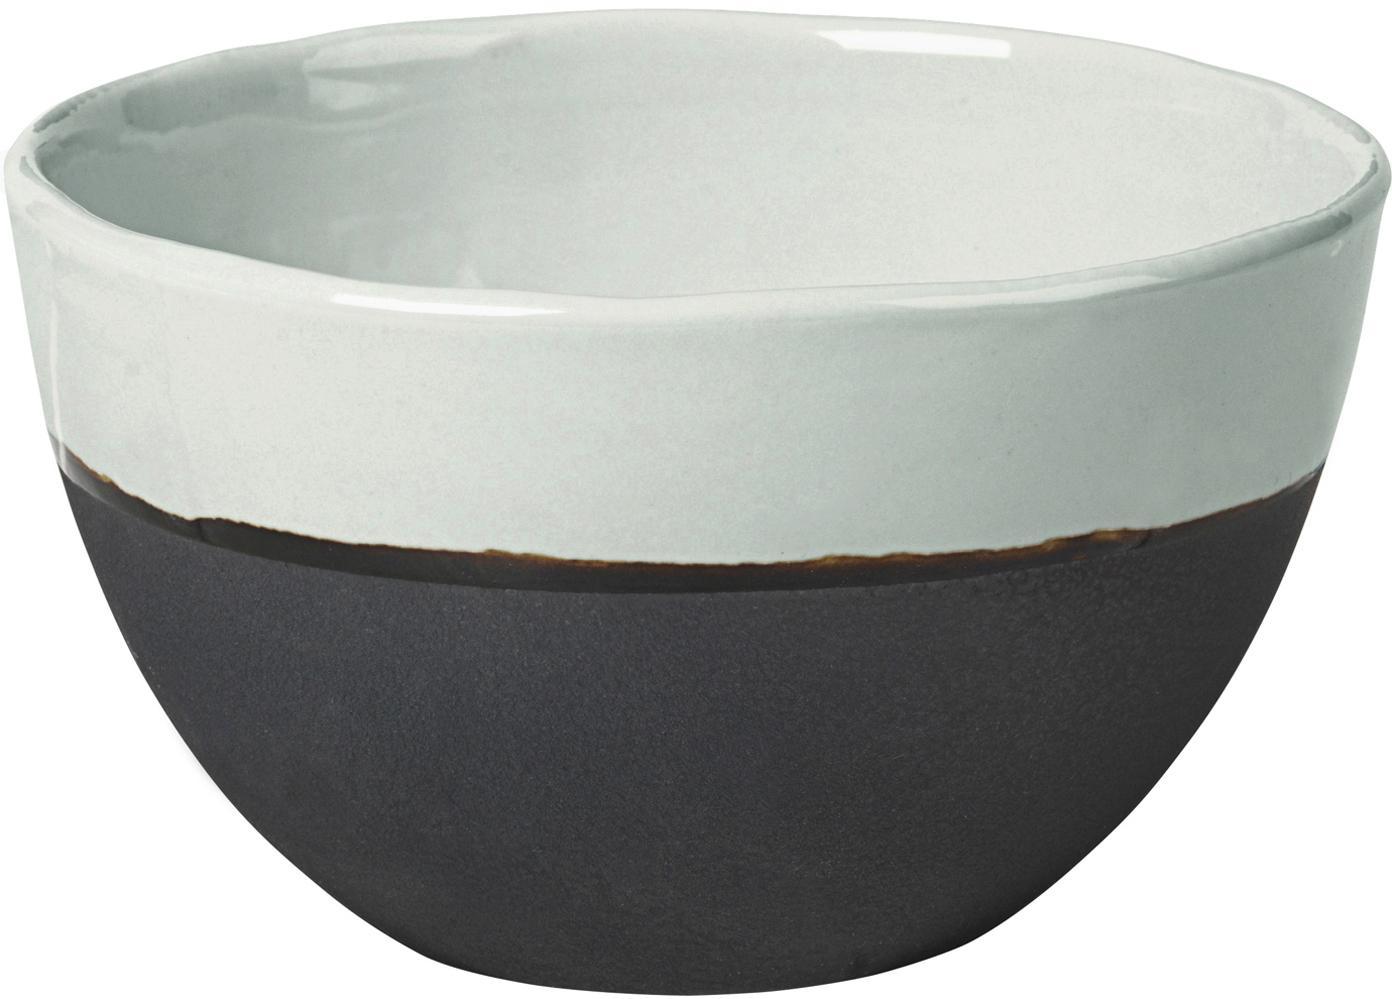 Handgemaakte kommen Esrum mat/glanzend, 4 stuks, Bovenzijde: glad geglazuurde keramiek, Onderzijde: natuurlijke keramiek, Ivoorkleurig, grijsbruin, Ø 14 x H 9 cm